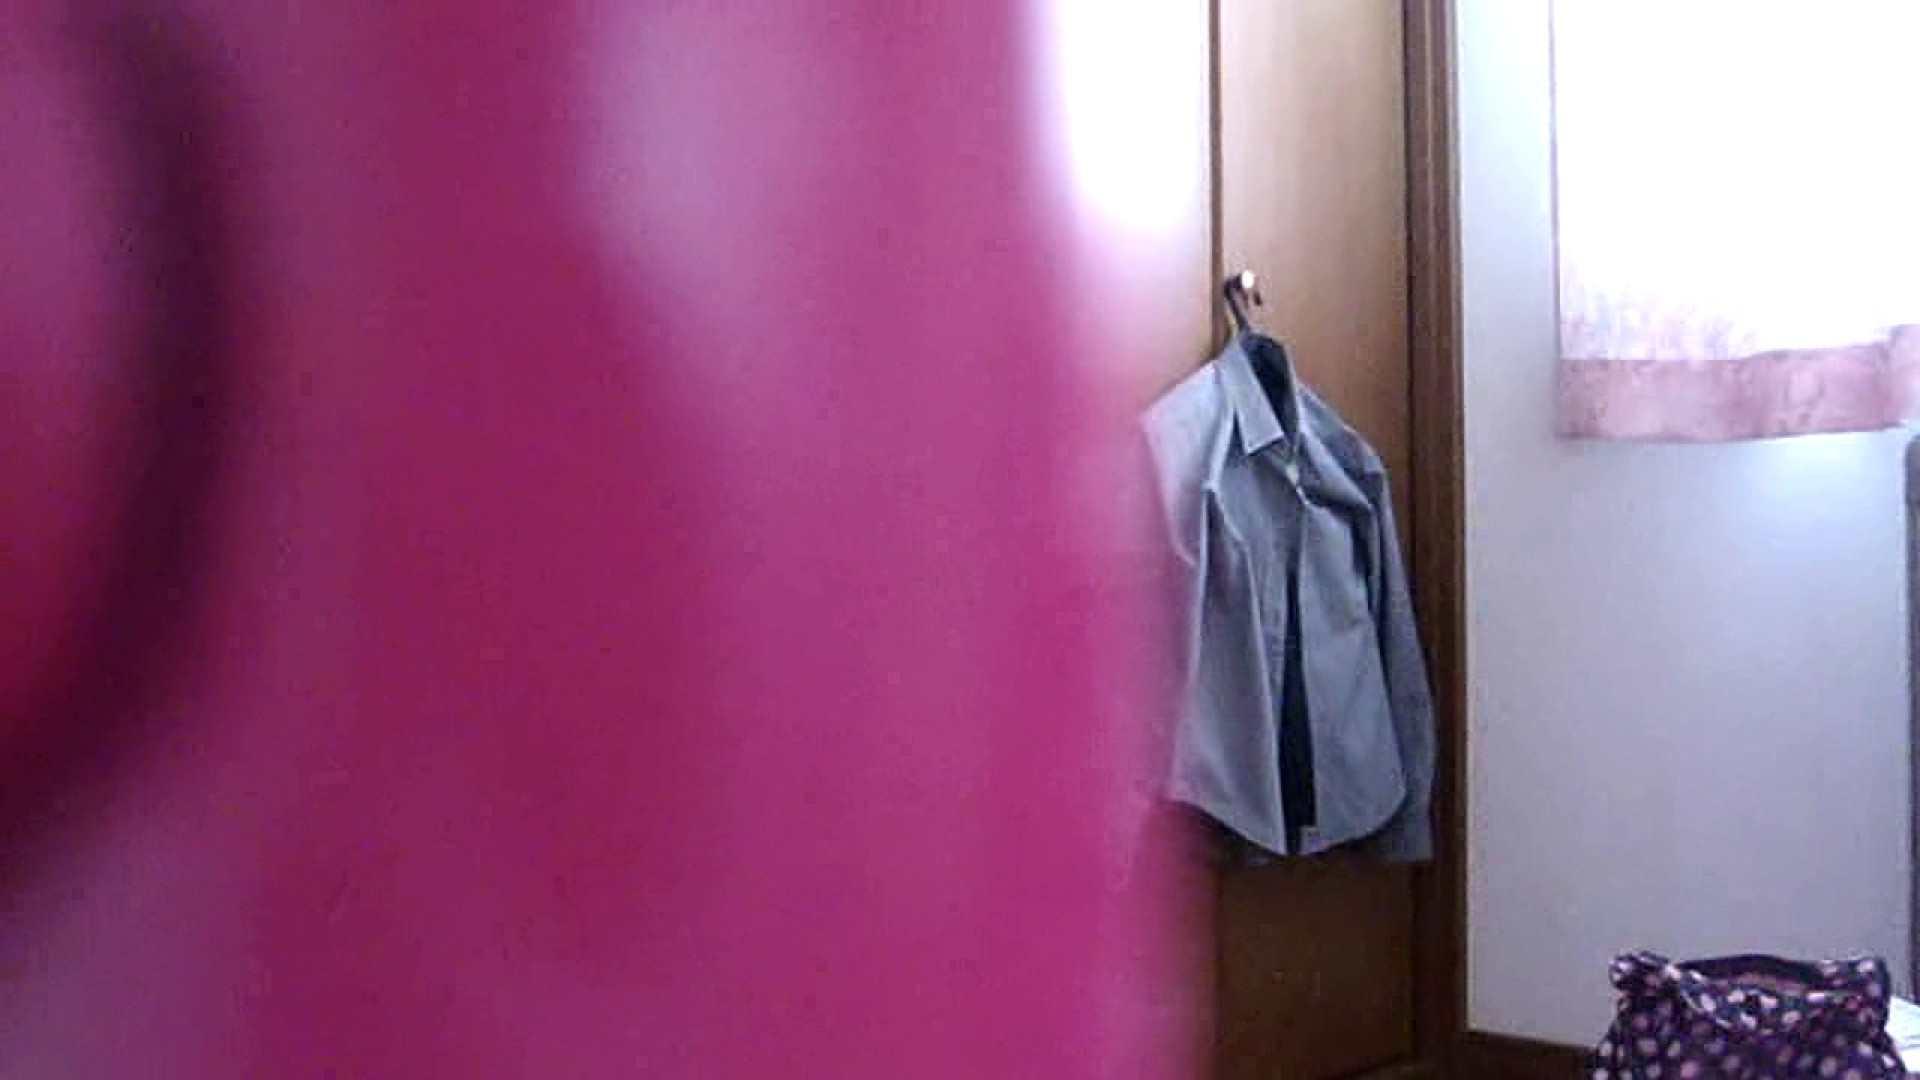 Vol.01 葵のいつもと変わらぬ朝の日常をご覧ください。 巨乳編  110PIX 58